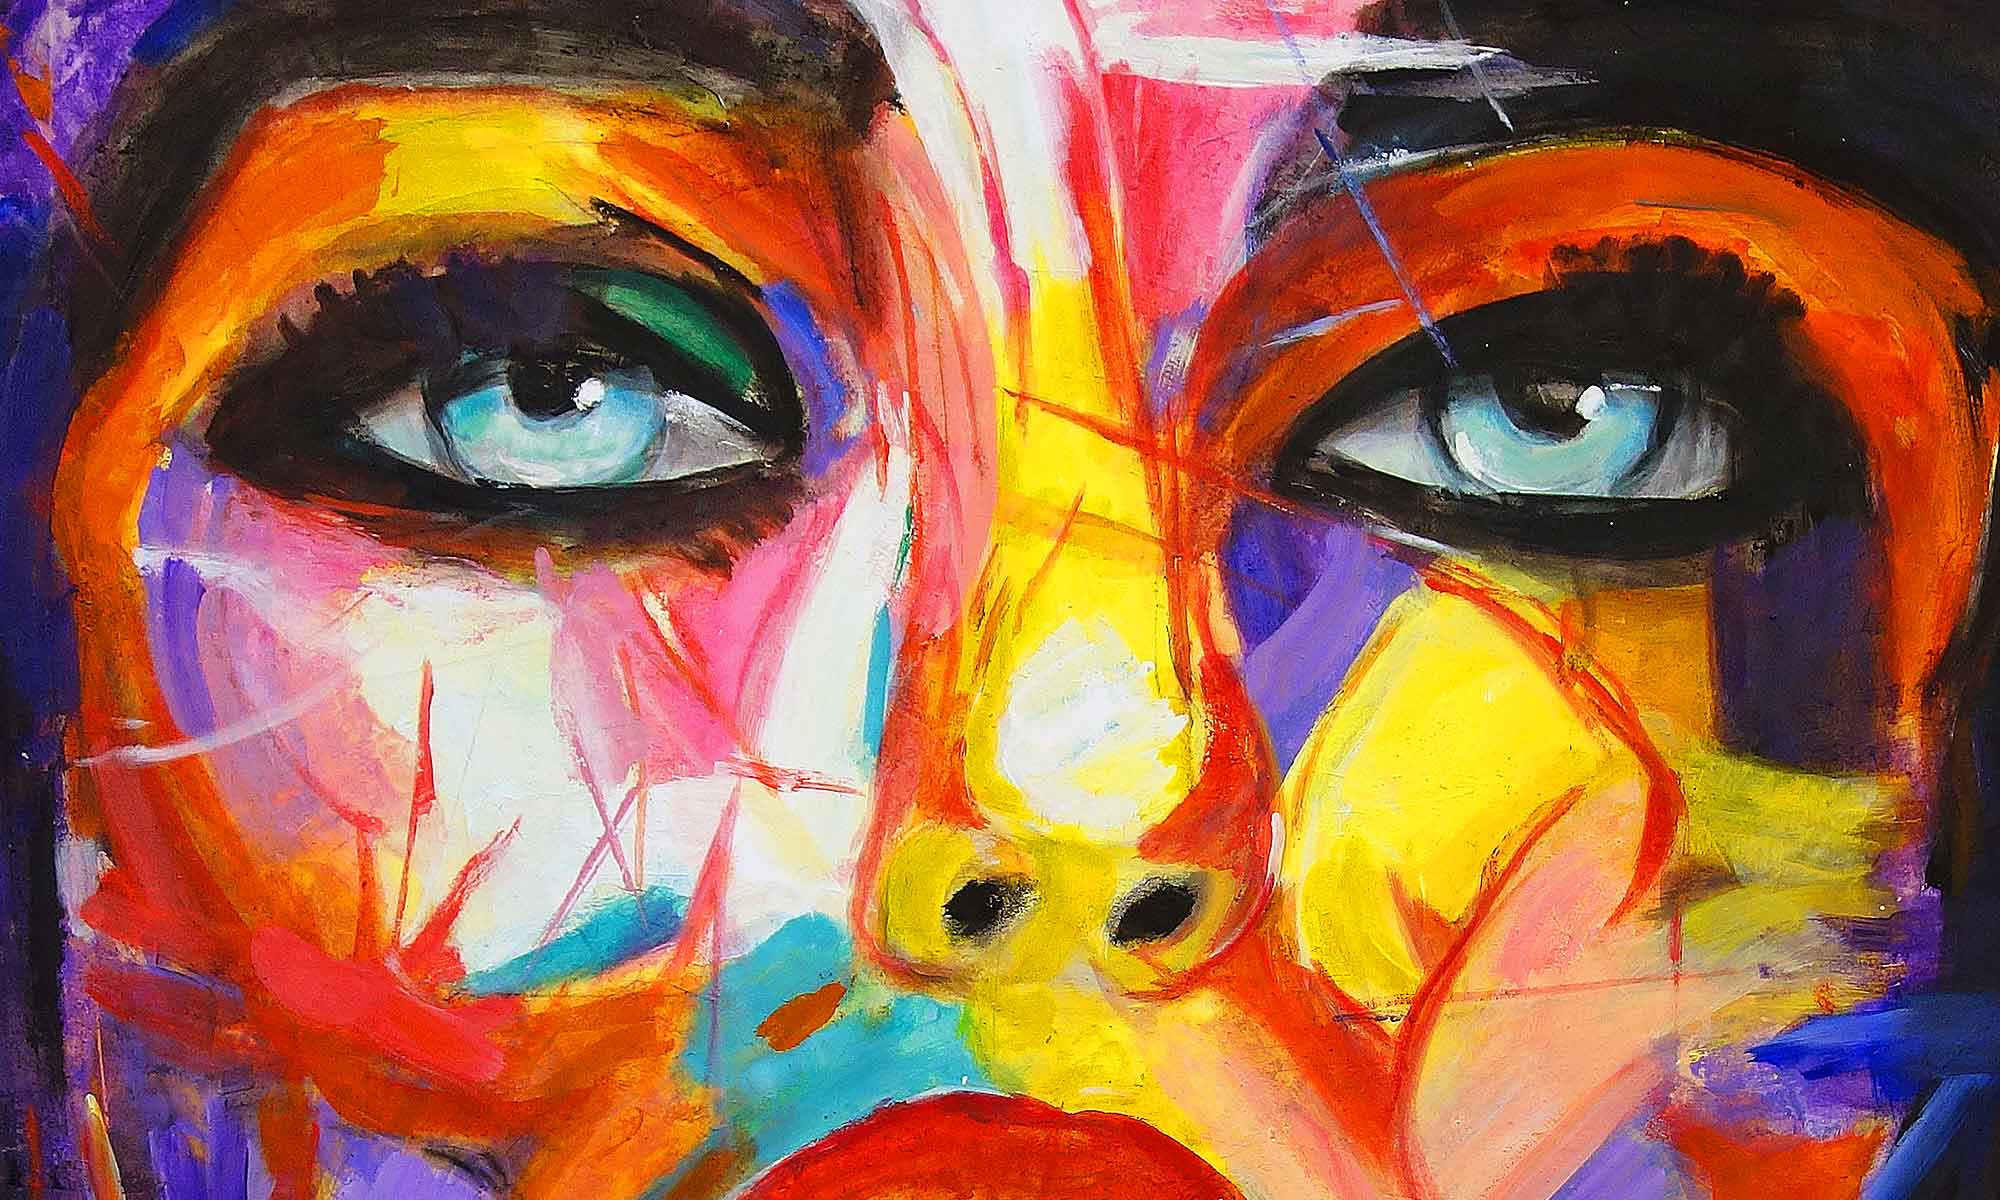 Wohnen mit Kunst, Bildern, echter Malerei